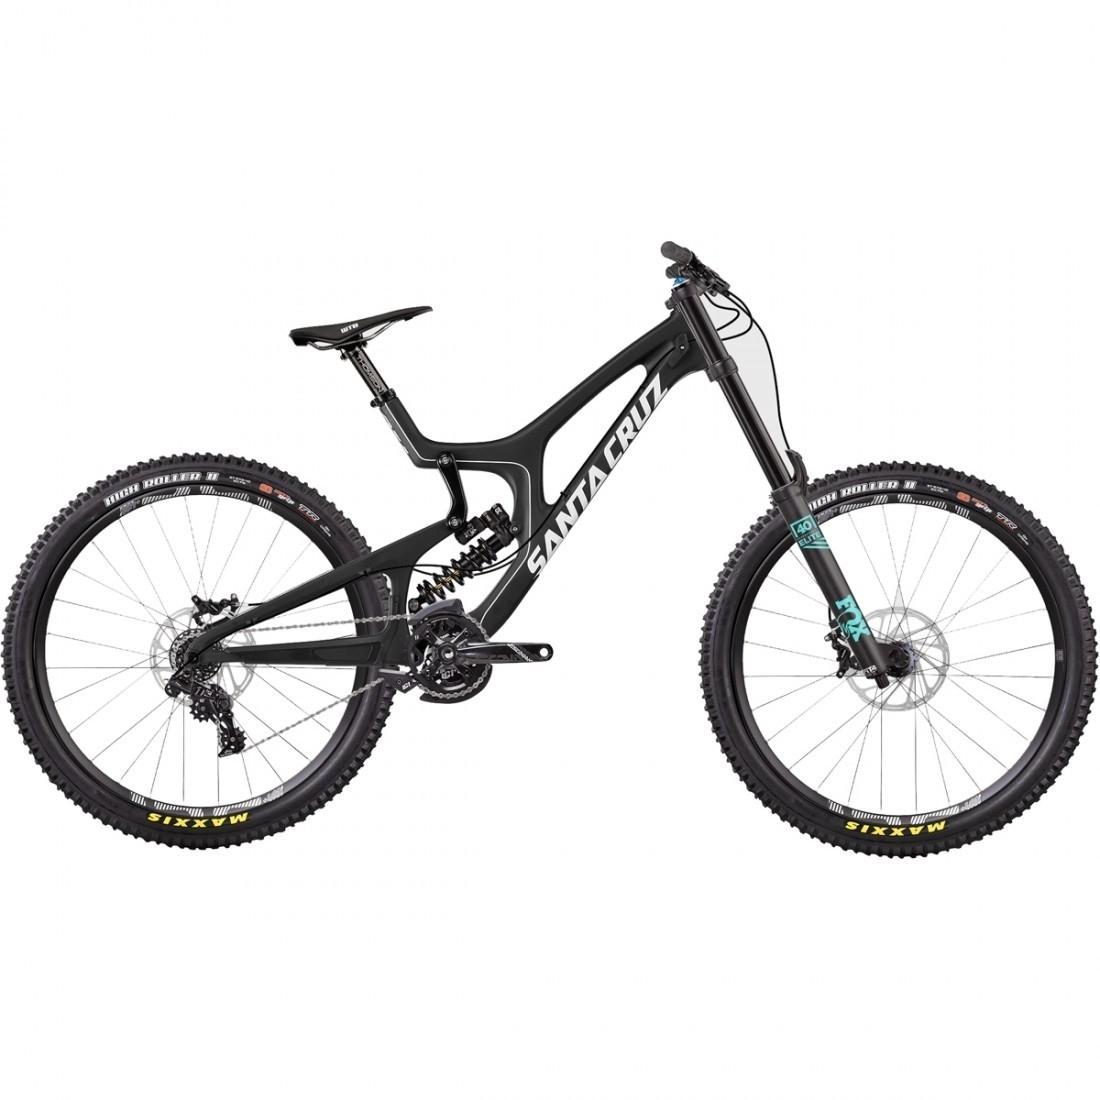 Bicicleta de montaña SANTA CRUZ V10 C Kit S Black · Motocard